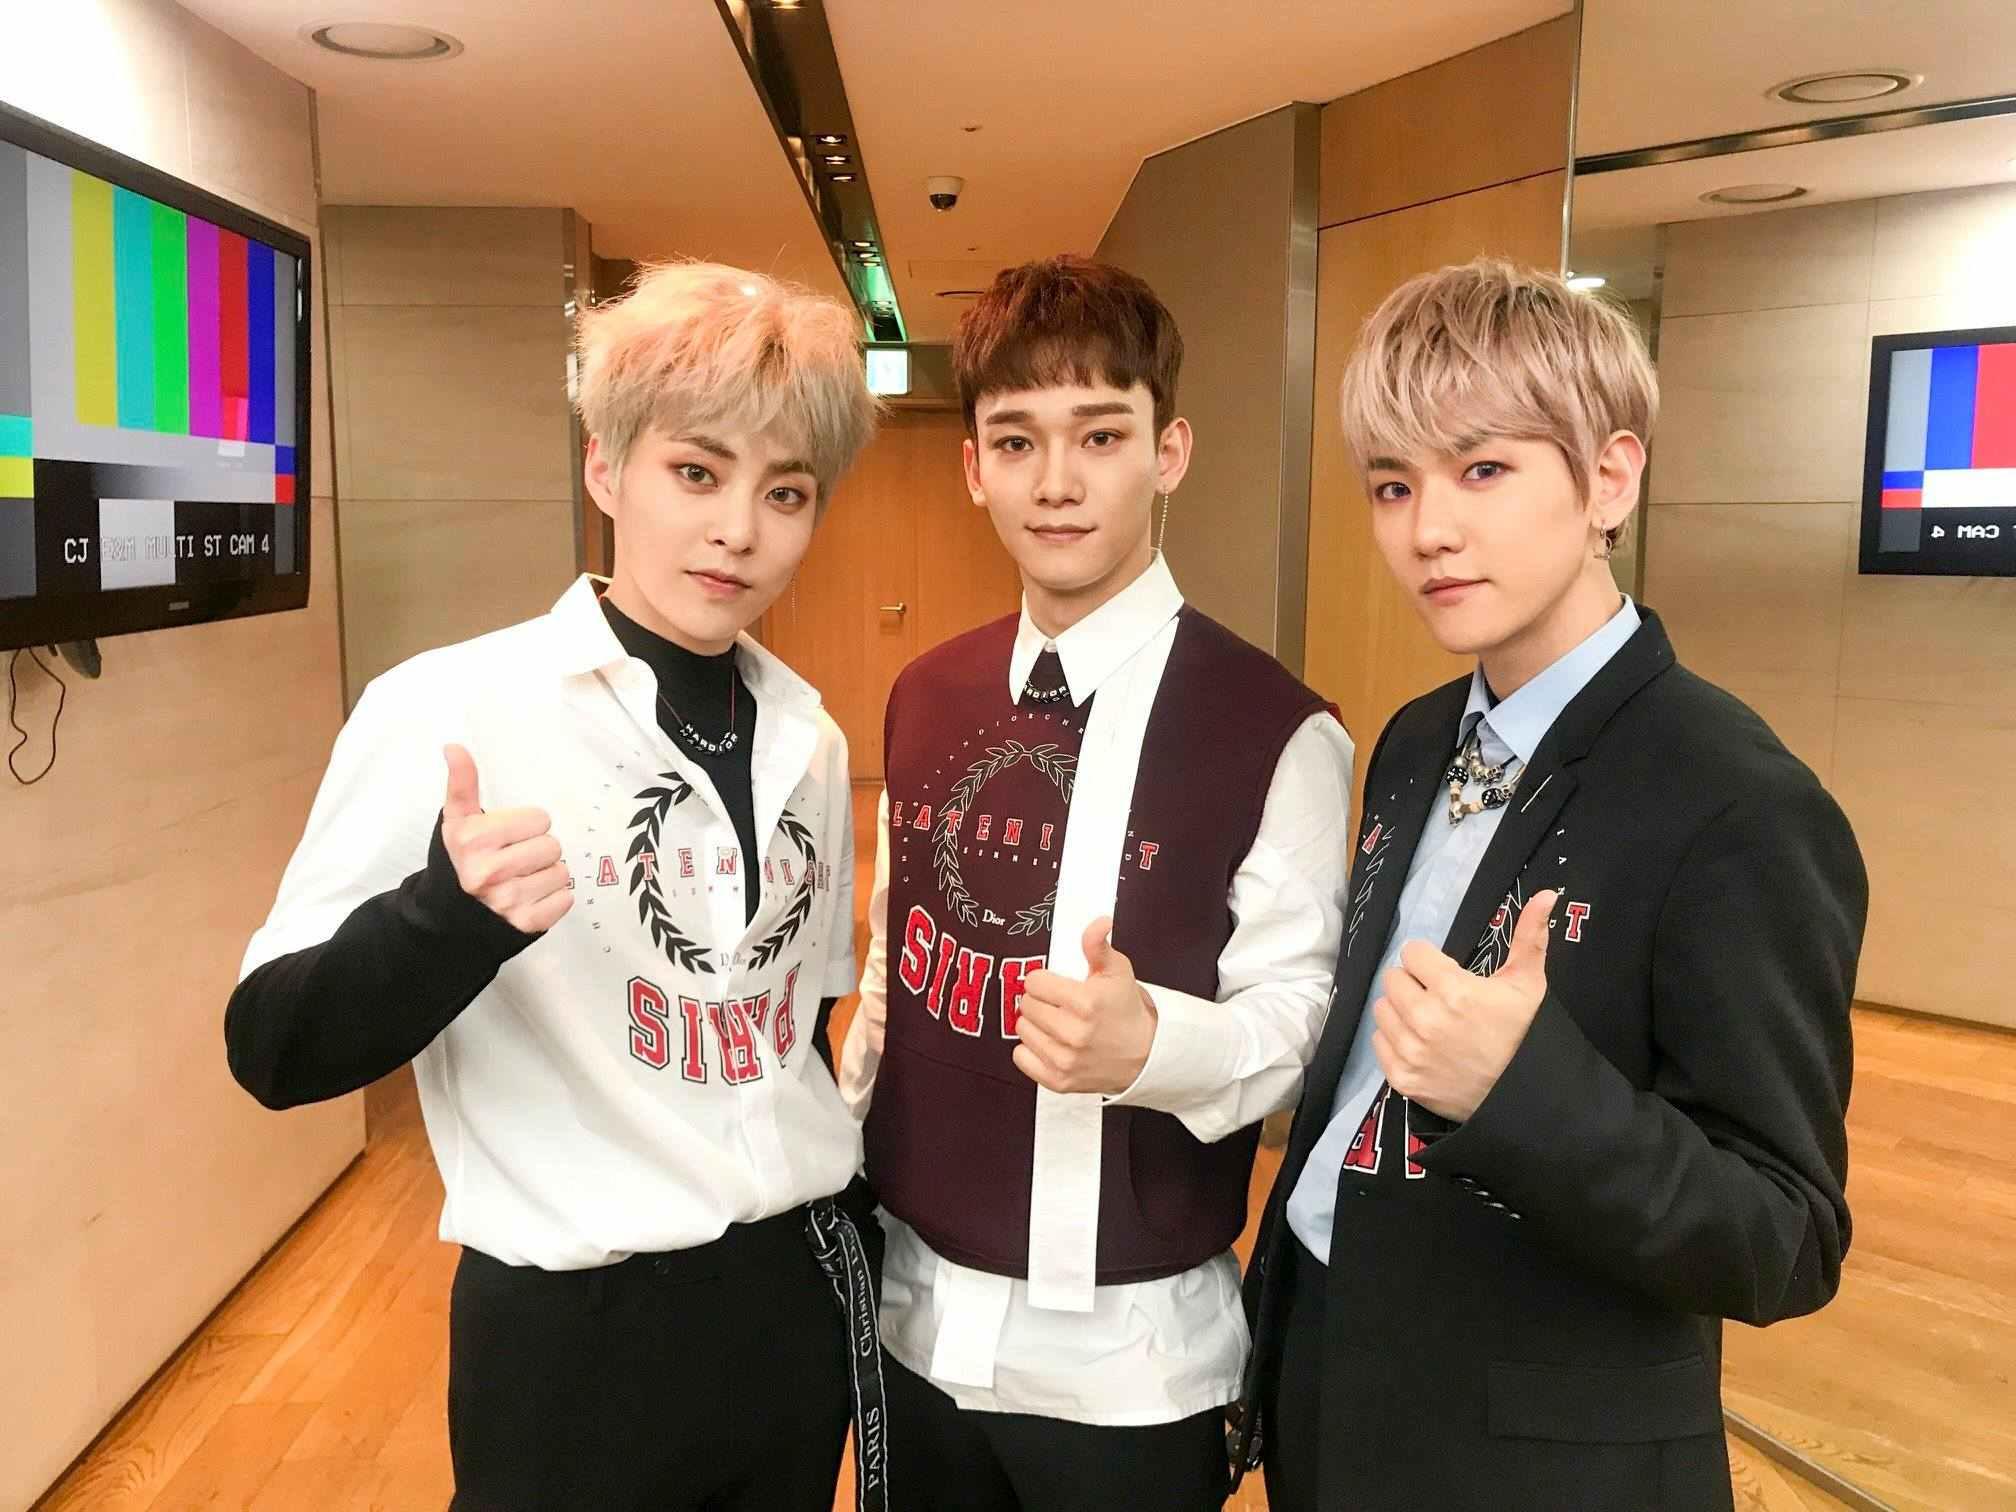 而在今年春天回歸的EXO-CBX也是EXO中的主唱line,絕對是歌唱實力的保證書阿!不過在21日的音樂節目中,就有成員發生了一點小差錯...